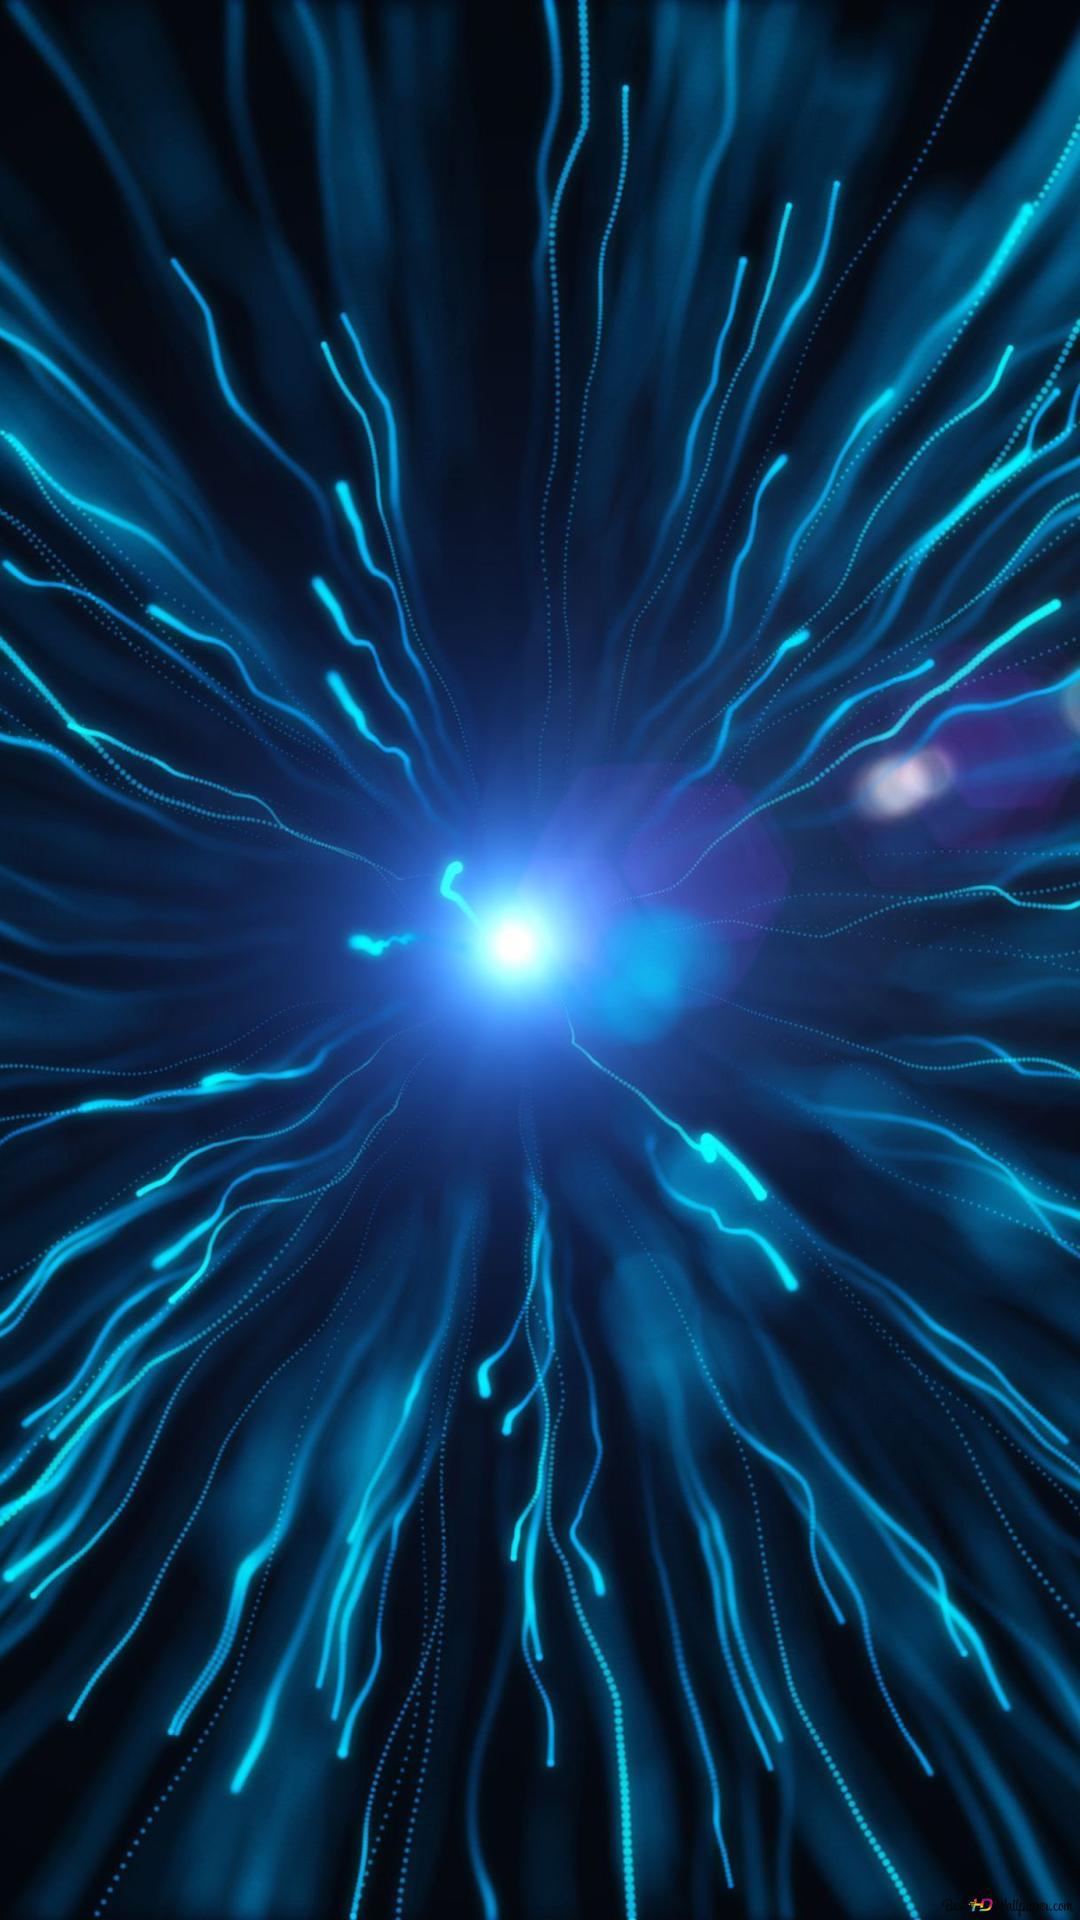 抽象ブルー粒子 Hd壁紙のダウンロード